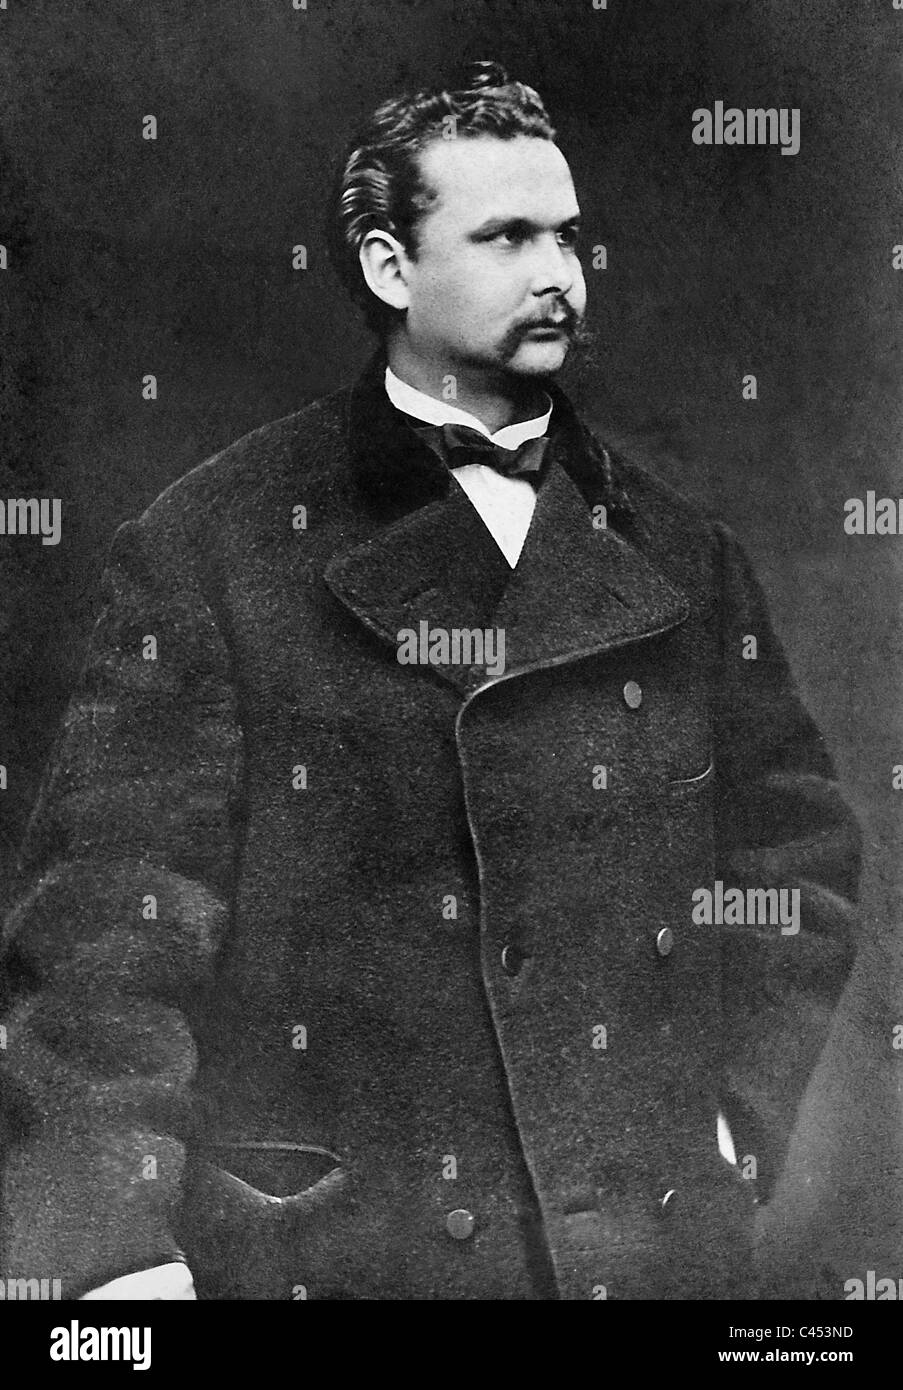 King Ludwig II of Bavaria - Stock Image